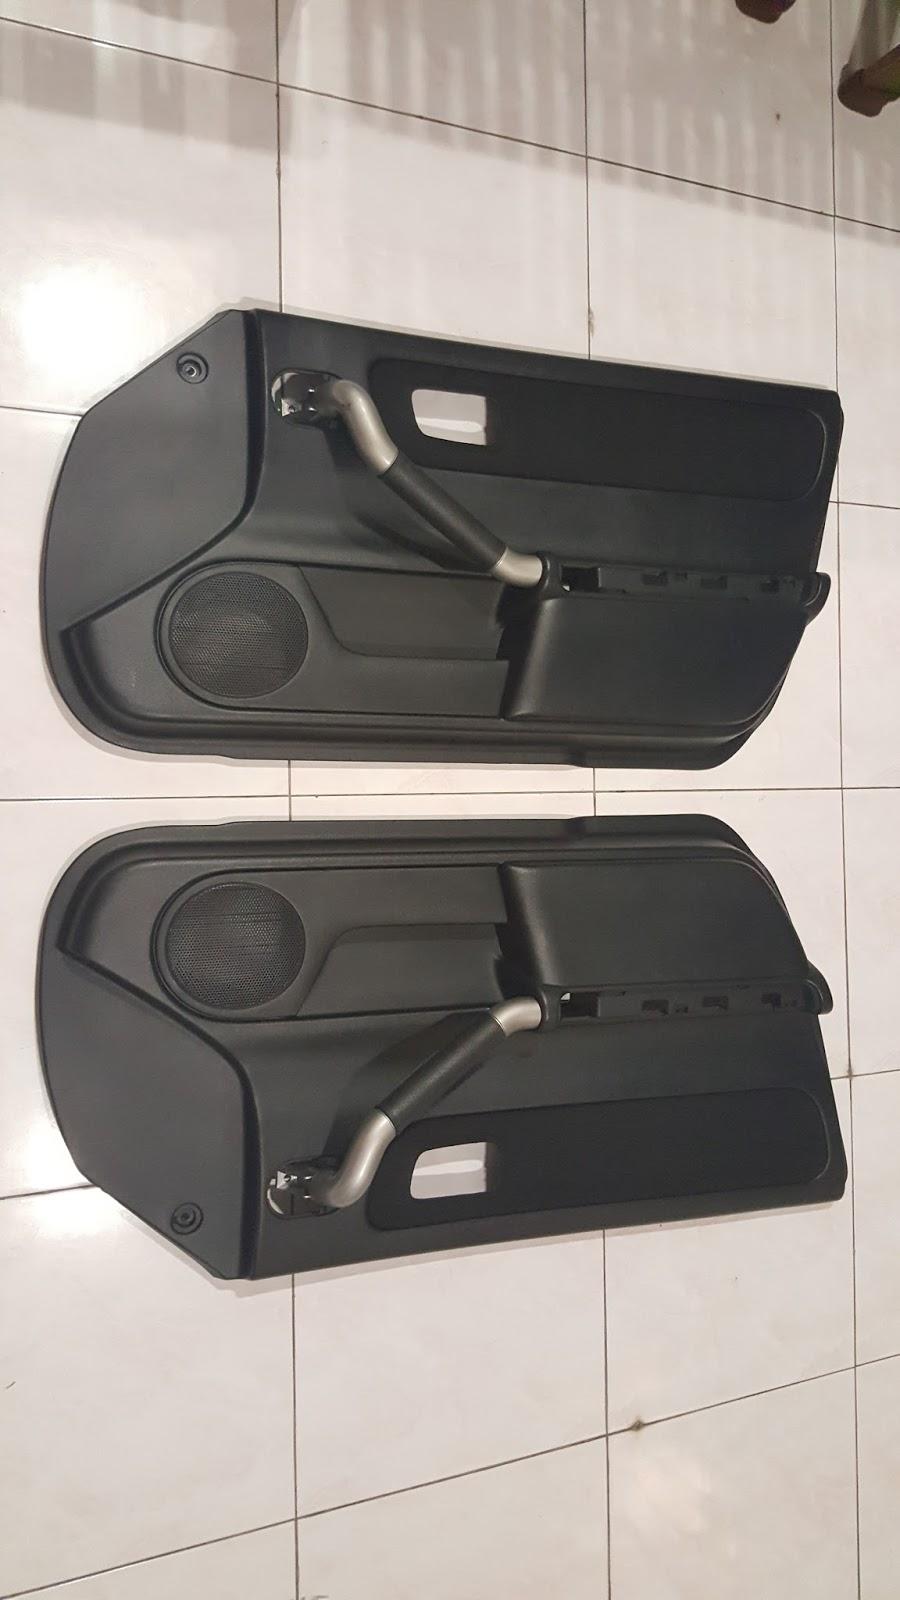 Tpsshop mrs mr2 spyder zzw30 genuine door penal for Mr2 spyder interior accessories